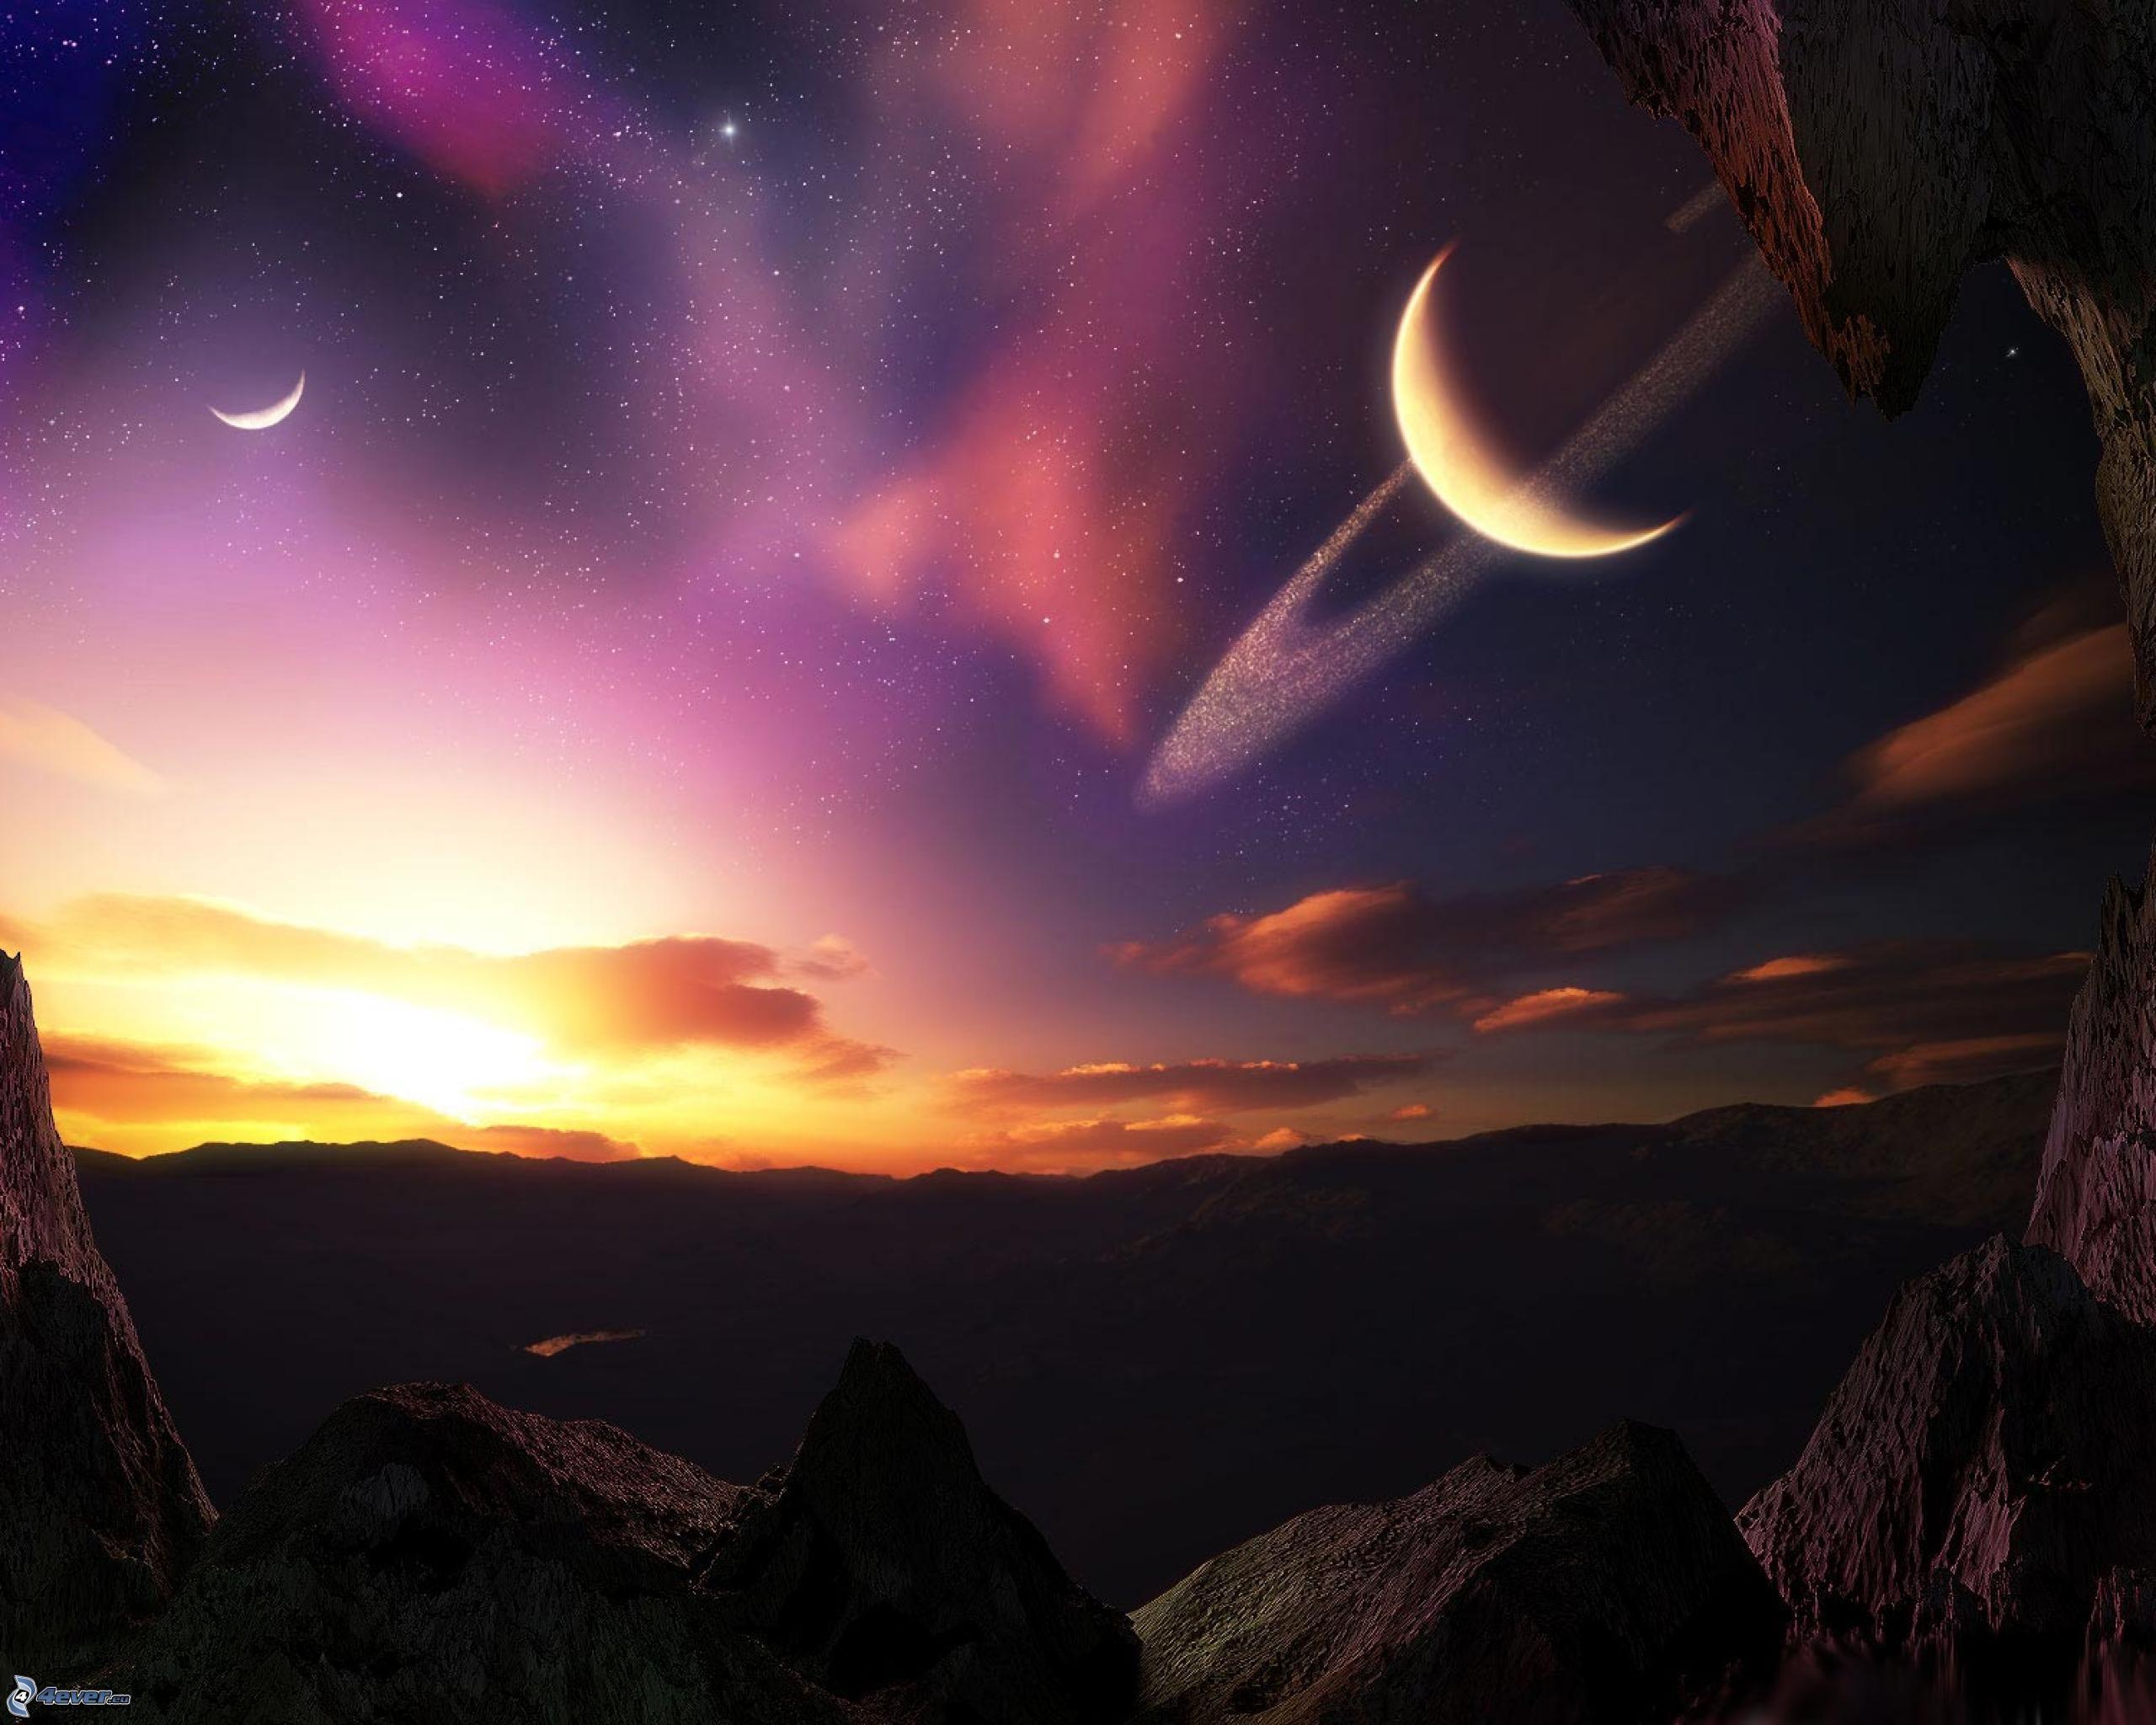 Mond Und Sterne Wallpaper Sci-fi Landschaft Mond